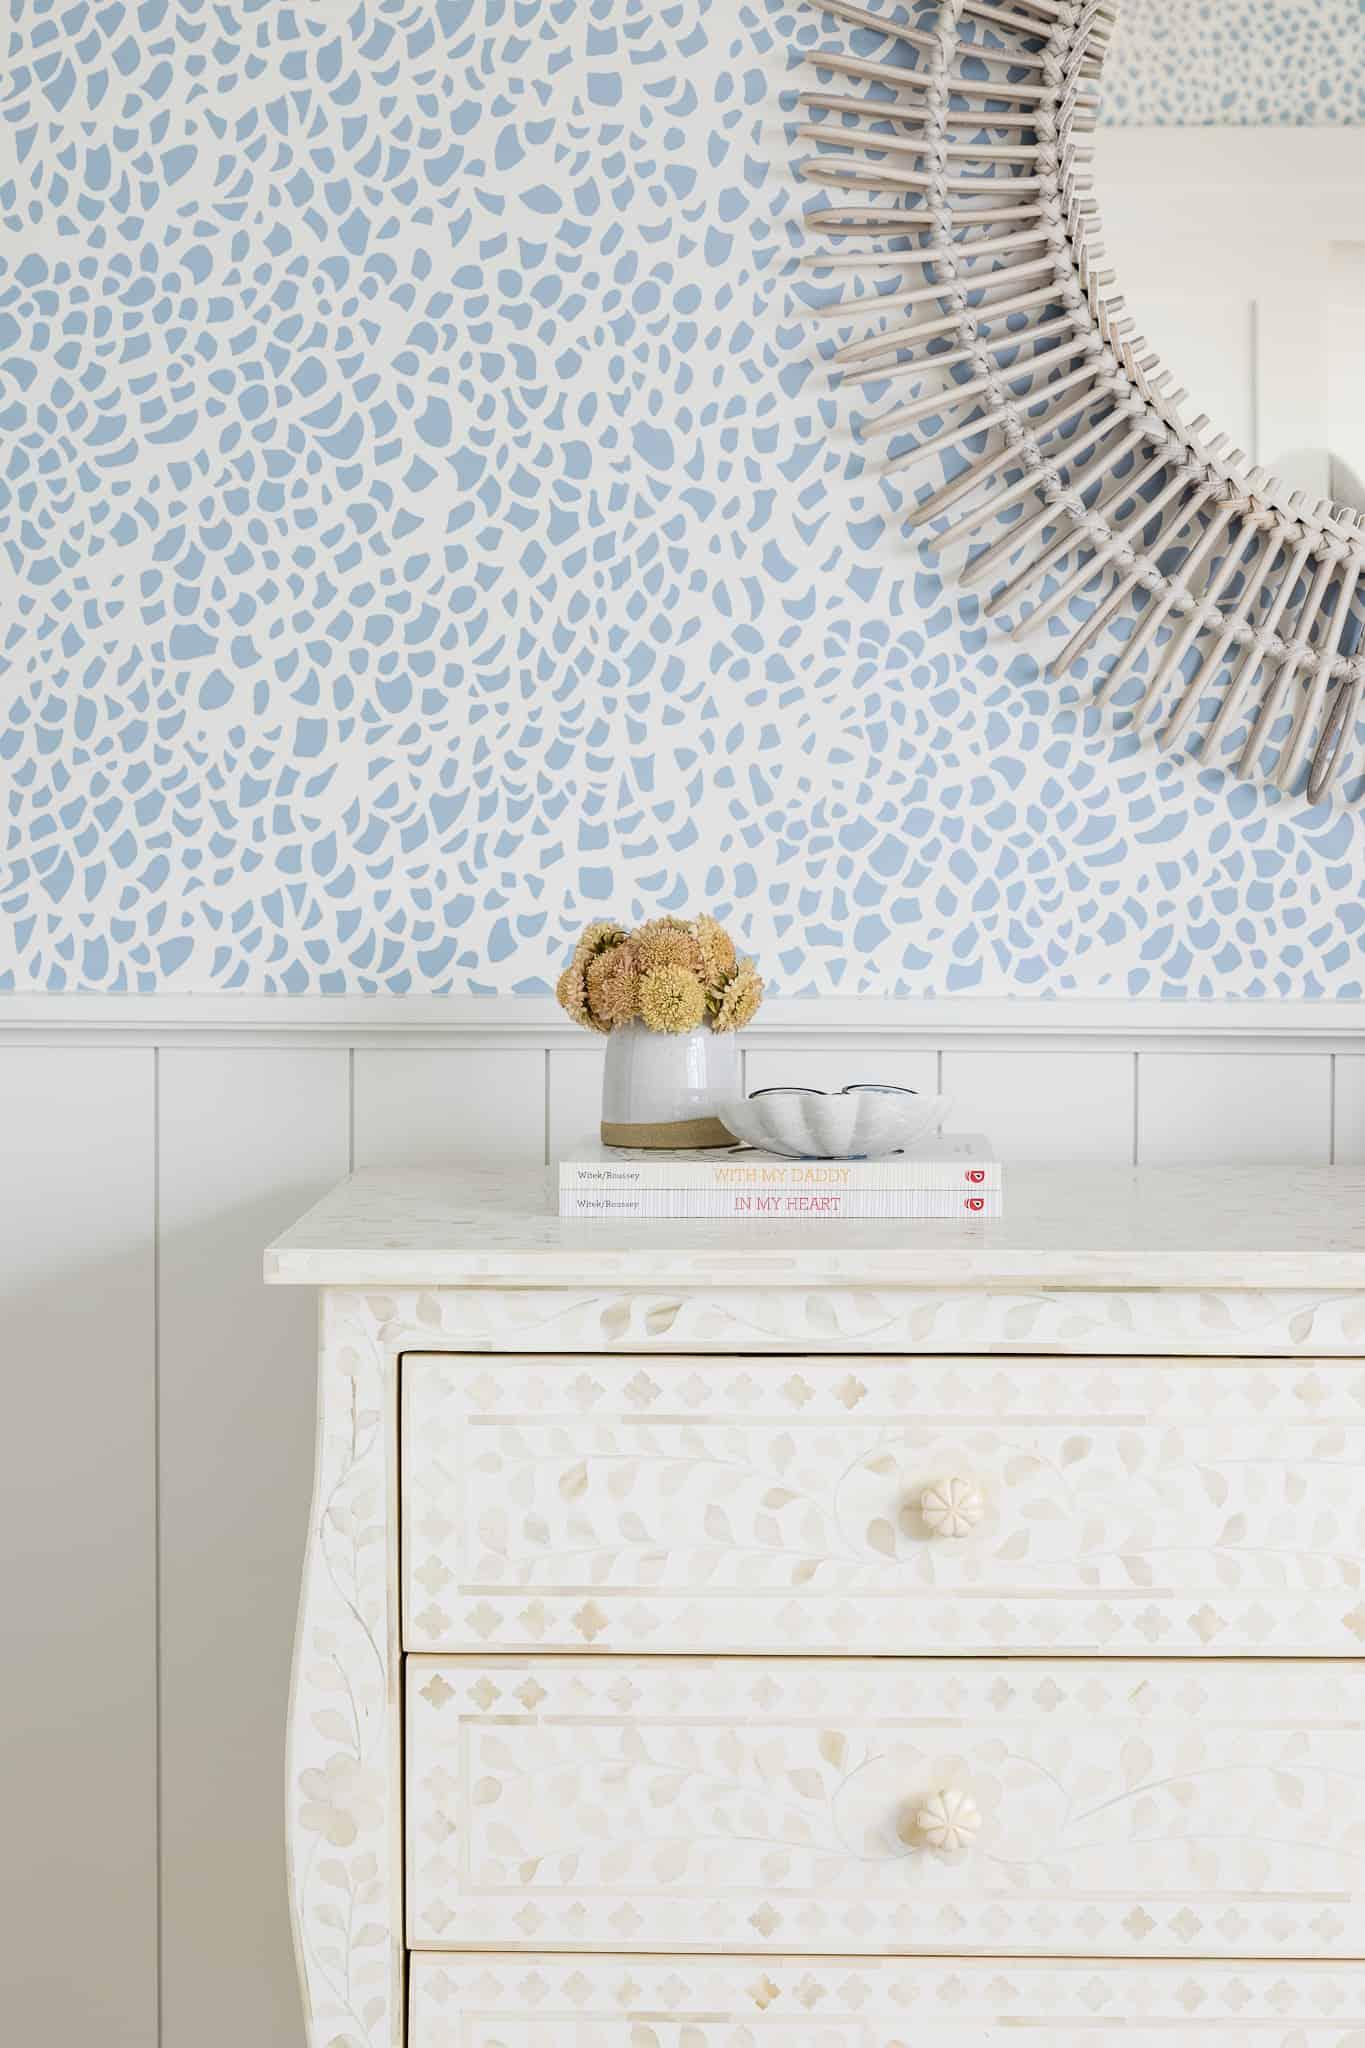 Girls Bedroom Design - Port Newport Project - Mindy Gayer Design Co.